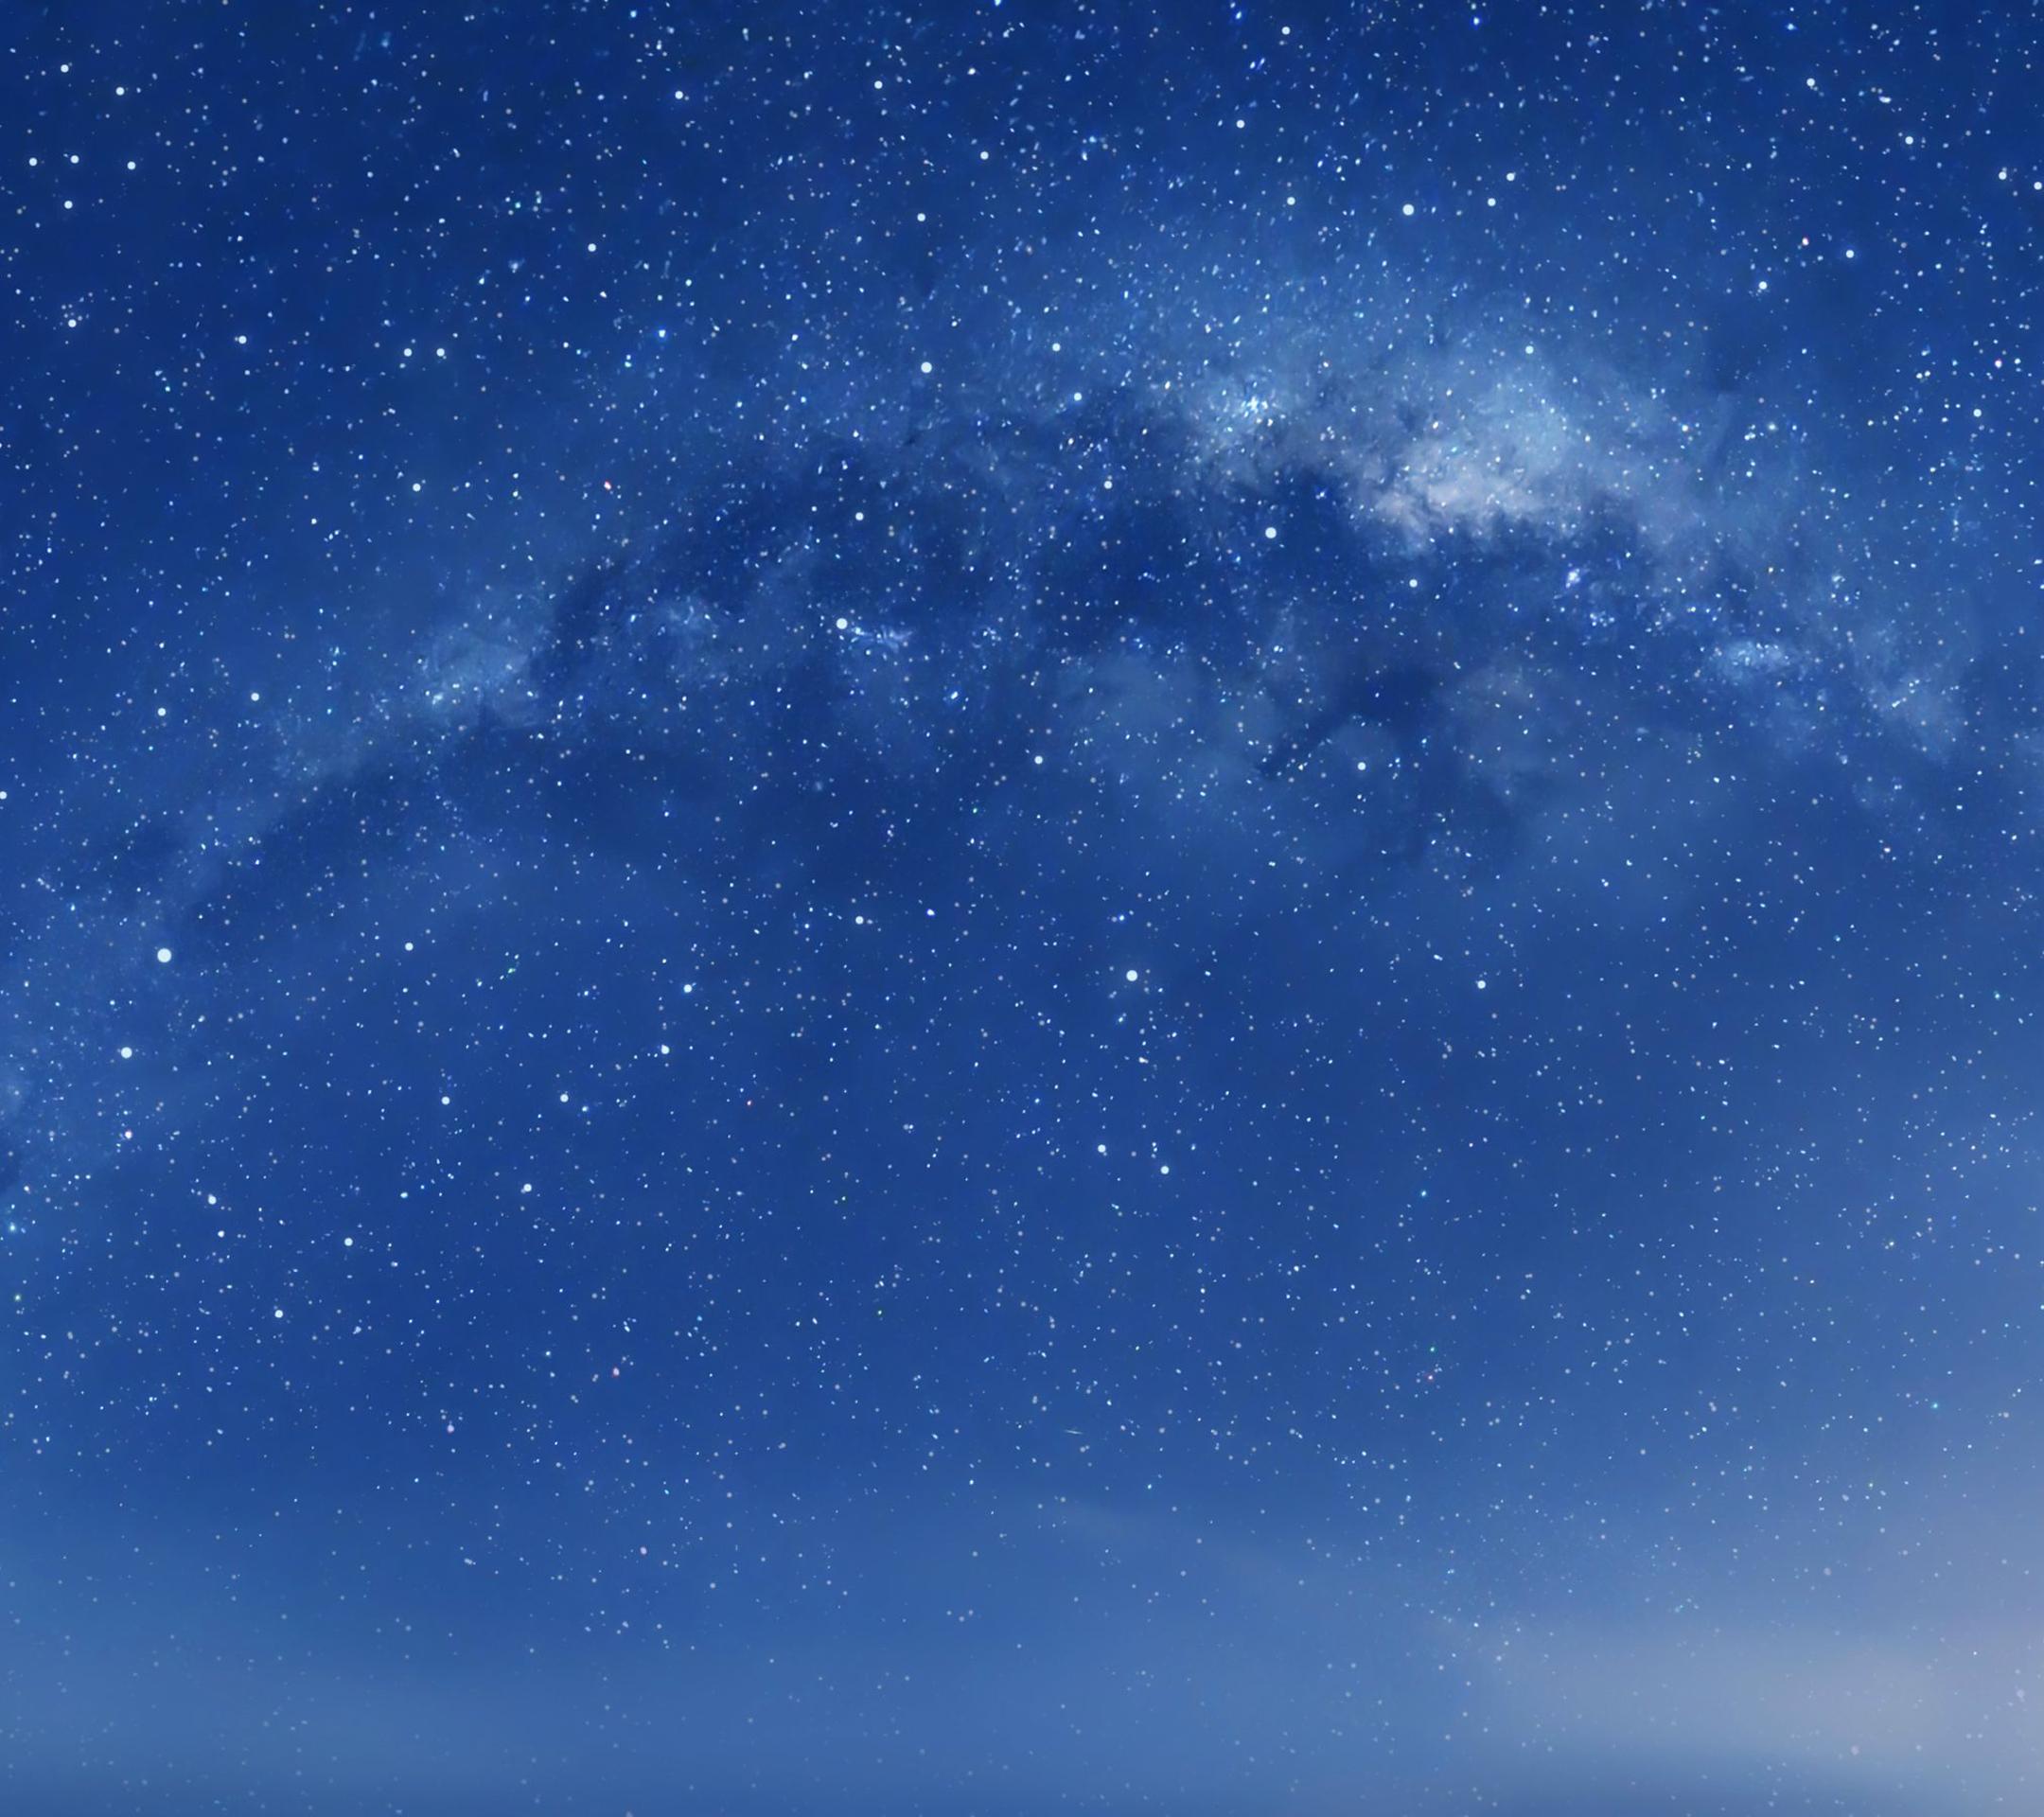 背景 壁纸 皮肤 设计 矢量 矢量图 素材 星空 宇宙 桌面 2160_1920